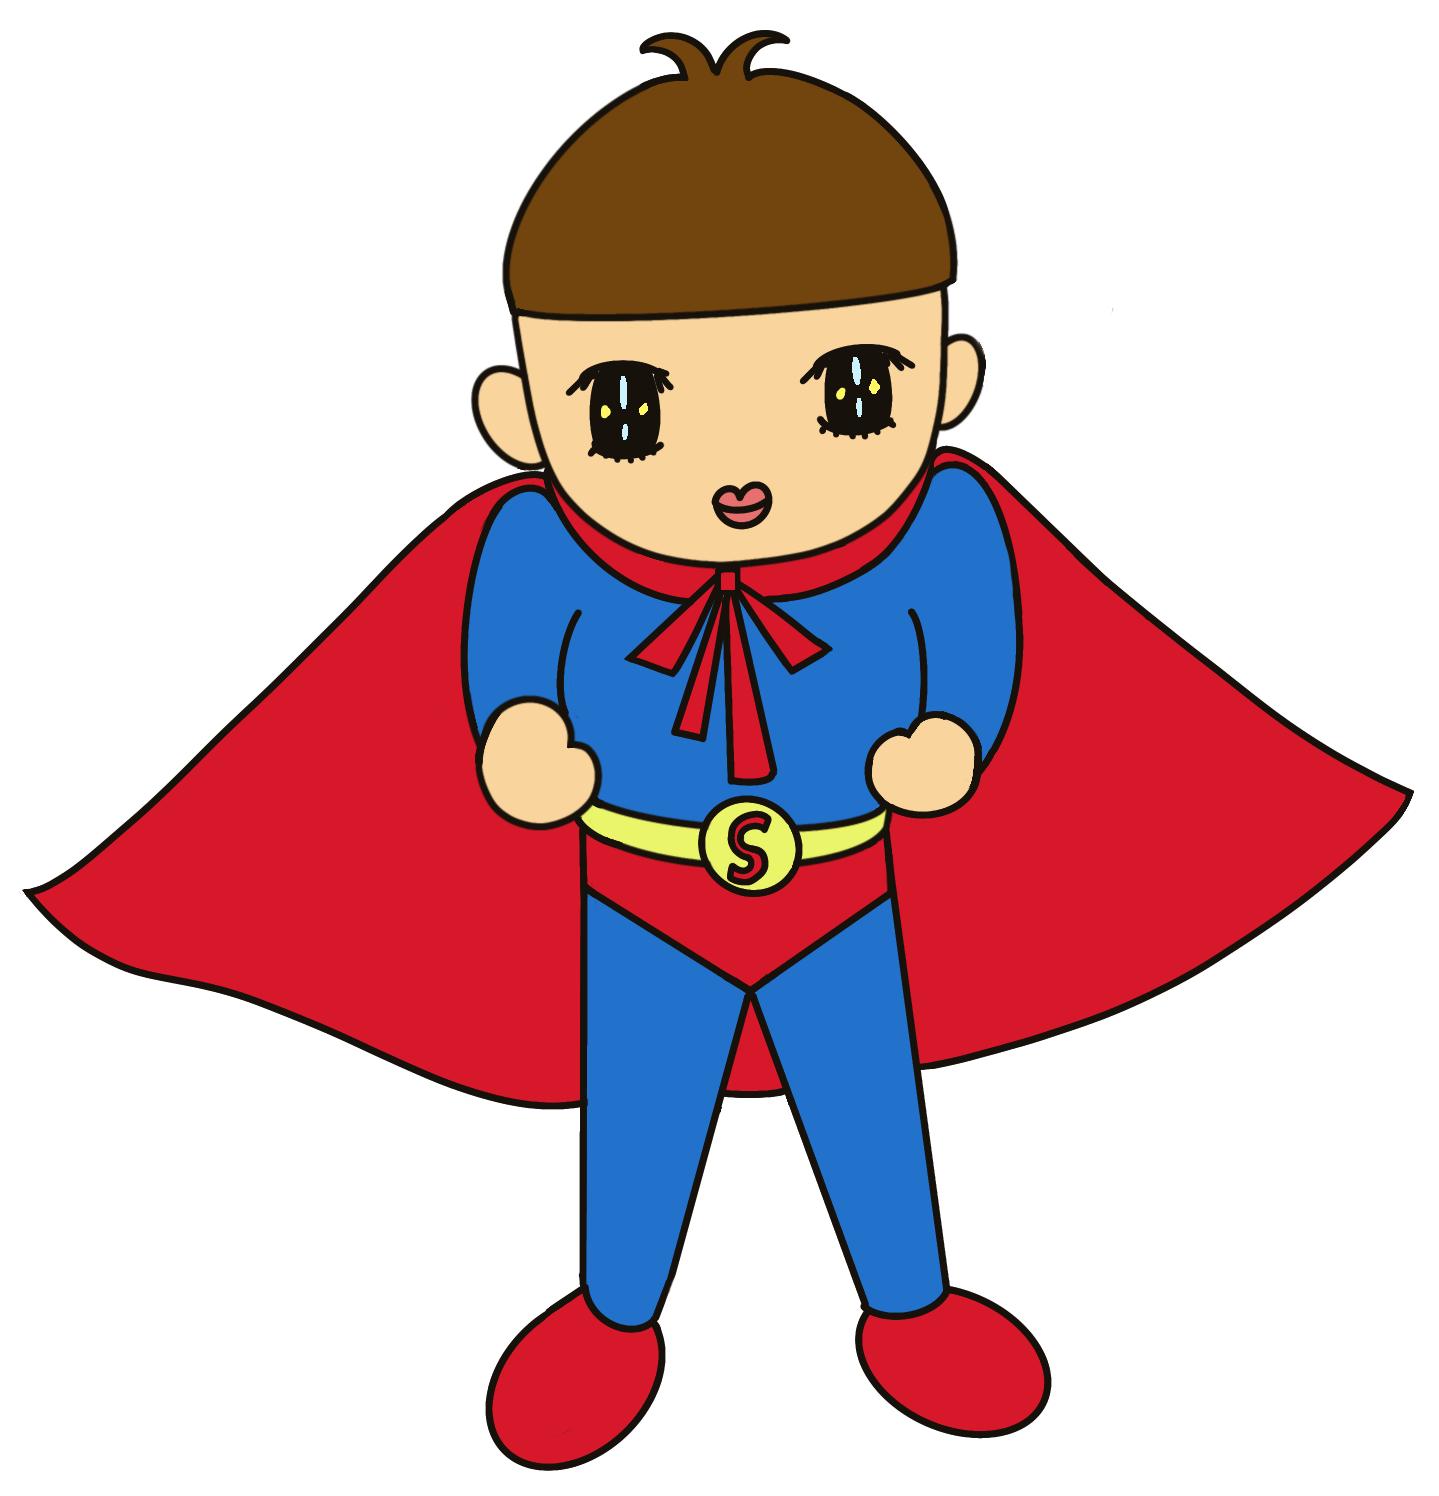 無料ぬりえプリント「スーパーマン(ヒーロー)になりきる男の子」(完成一例)